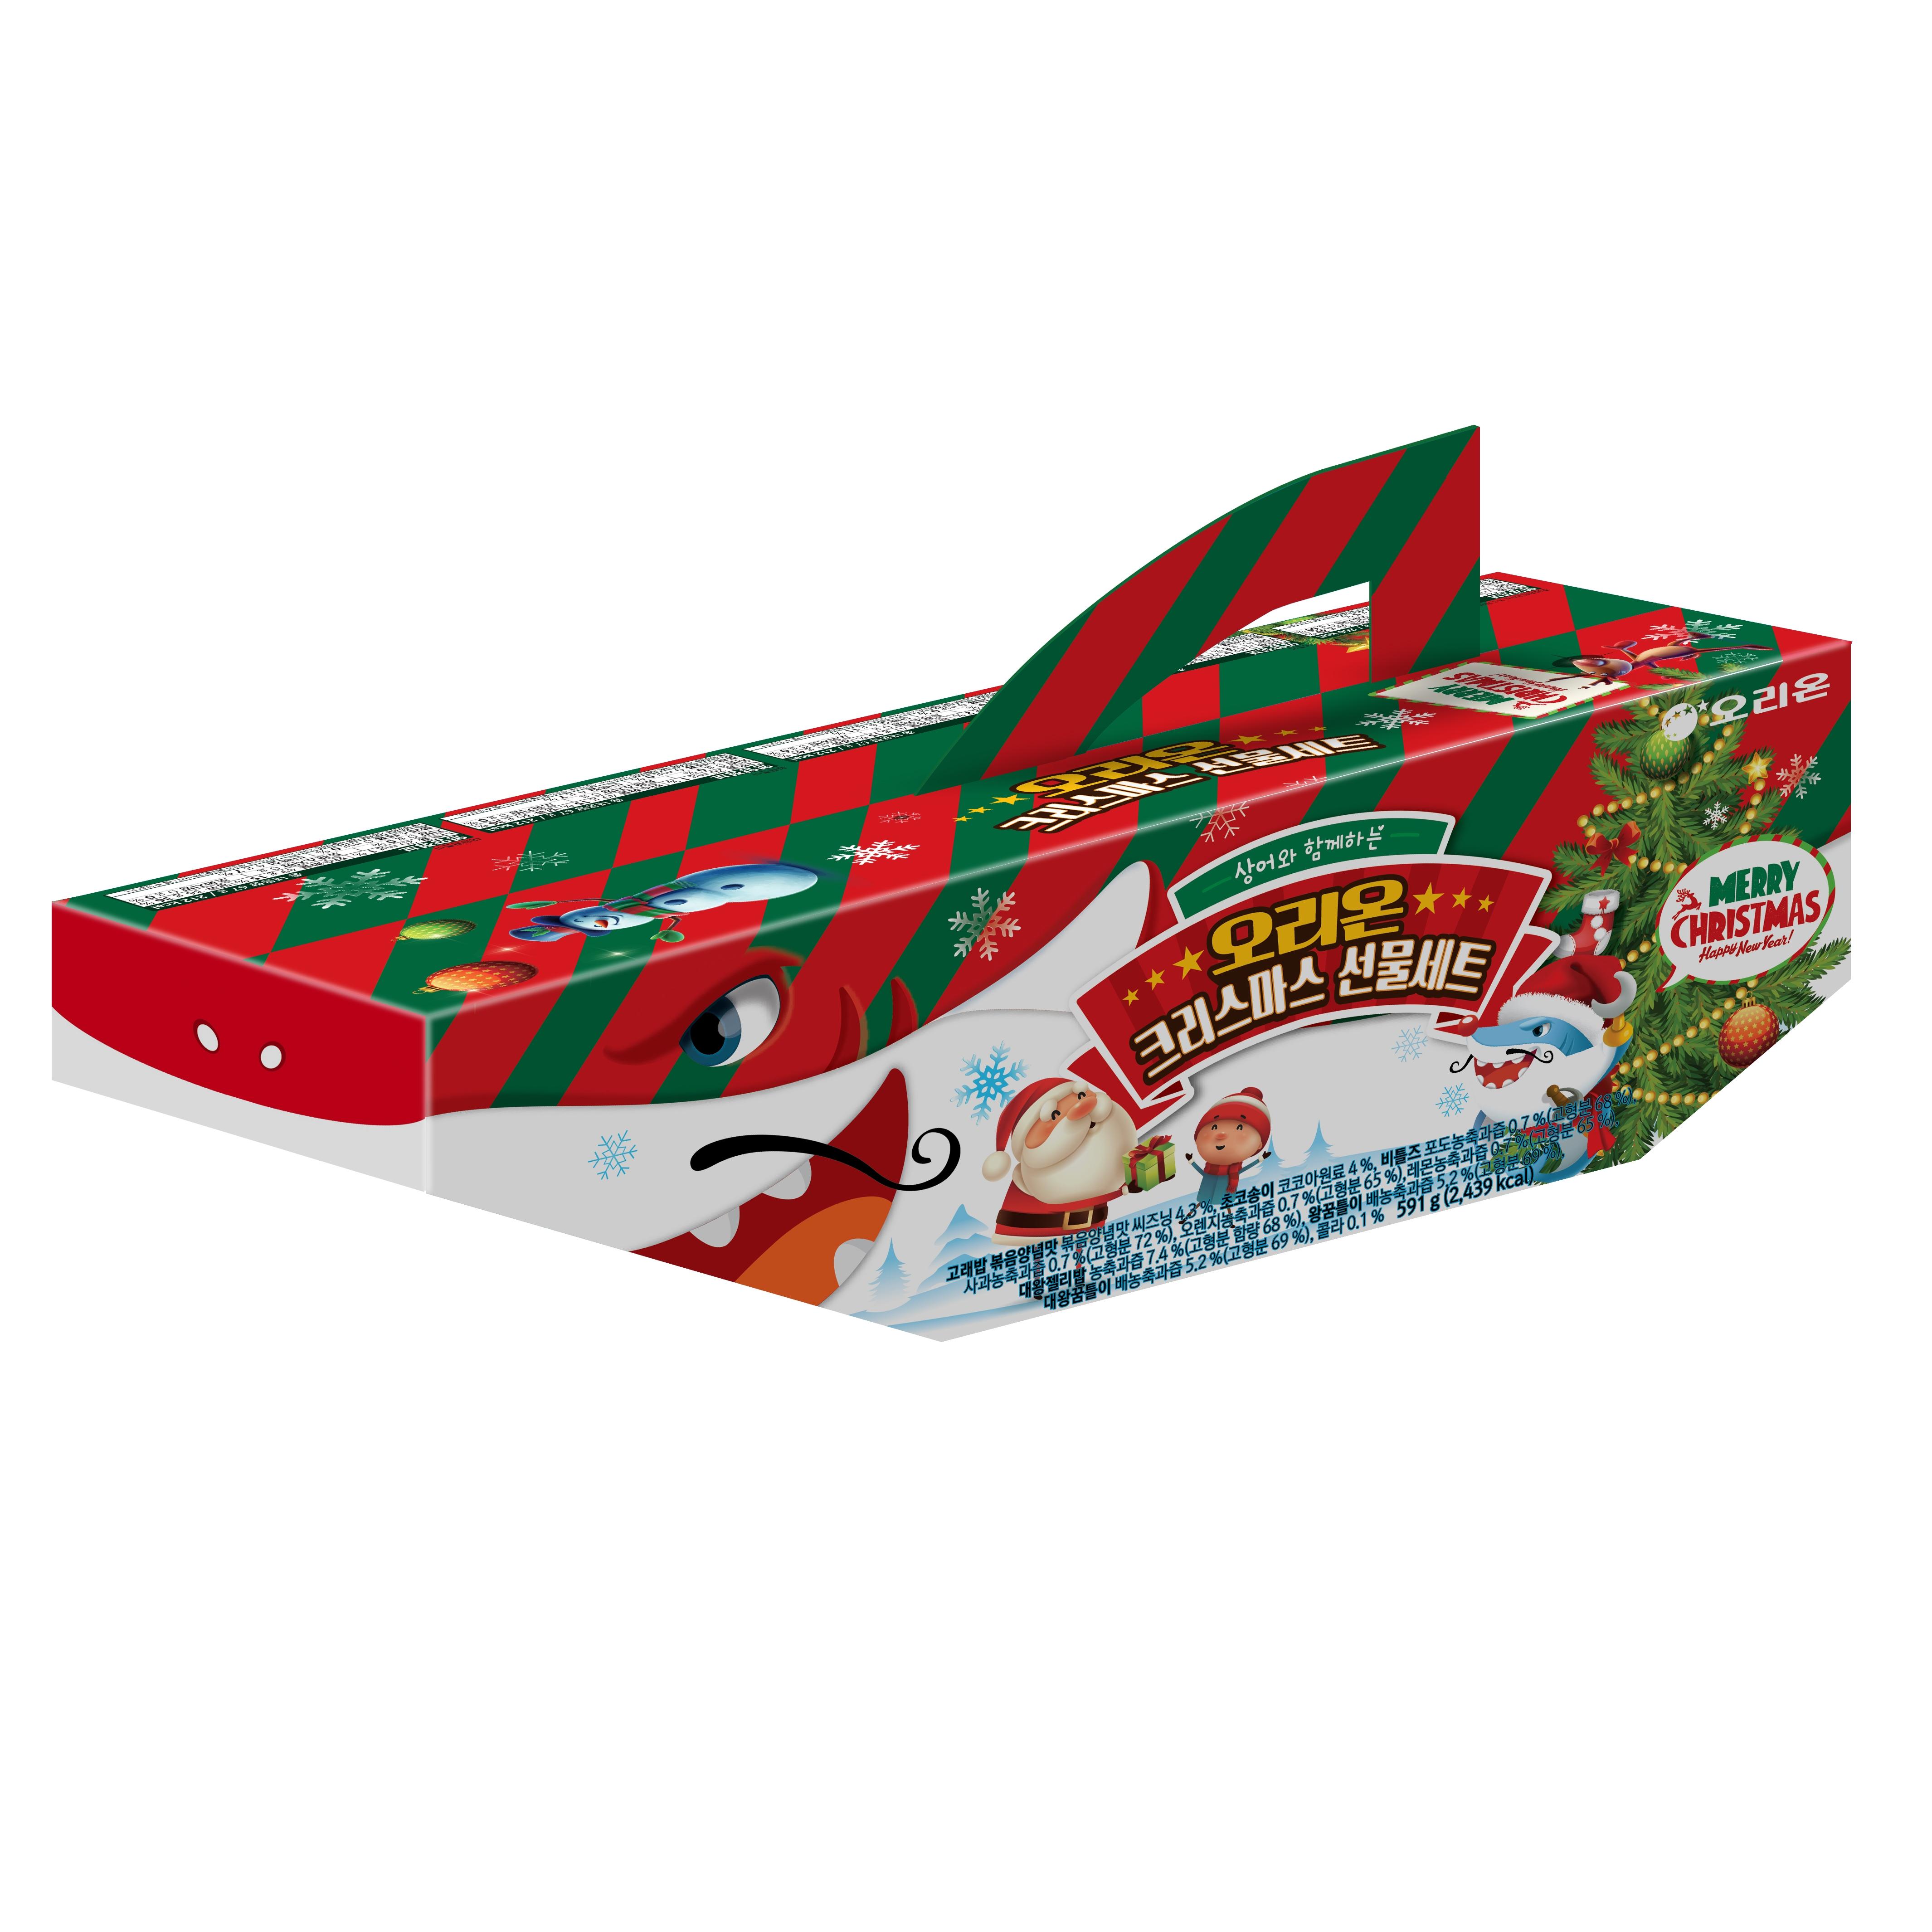 오리온 상어패밀리 크리스마스 선물세트, 11개, 1세트